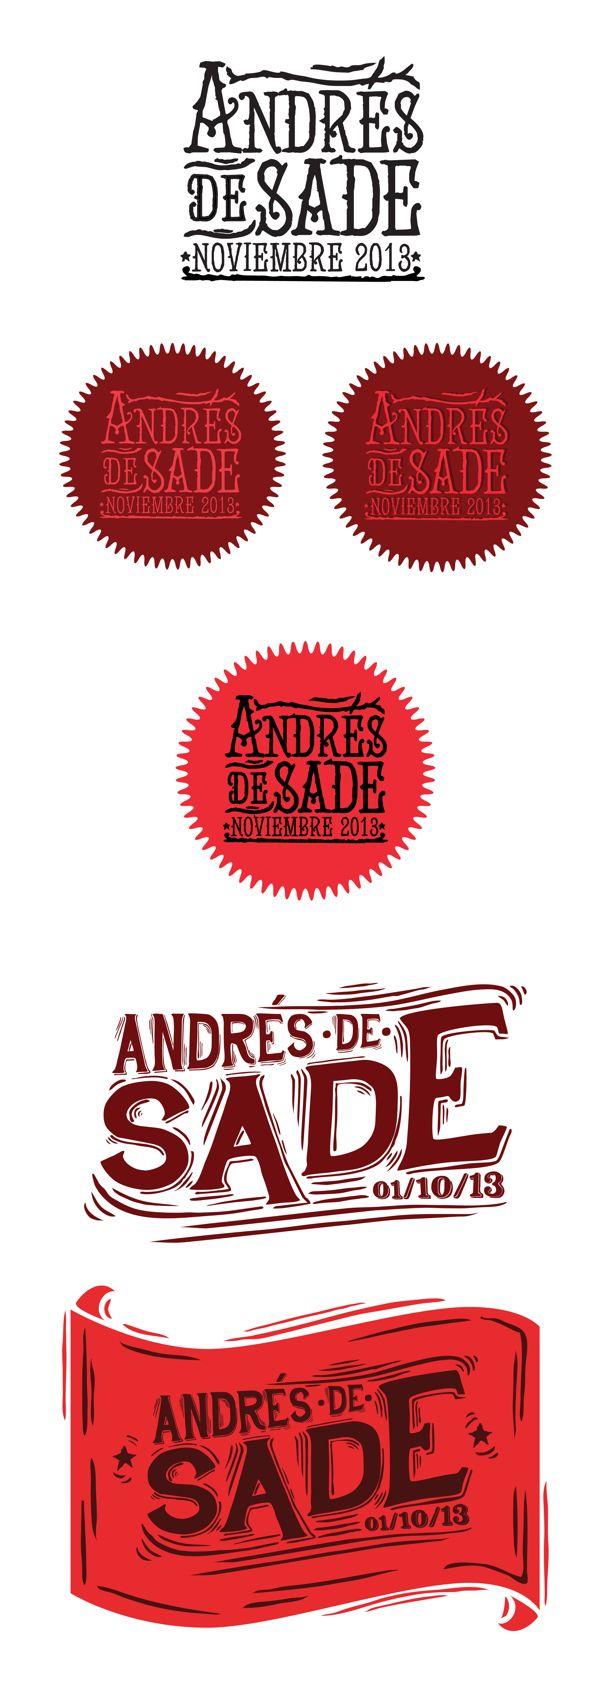 Pequeños proyectos y propuestas Andrés Carne de Res on Behance